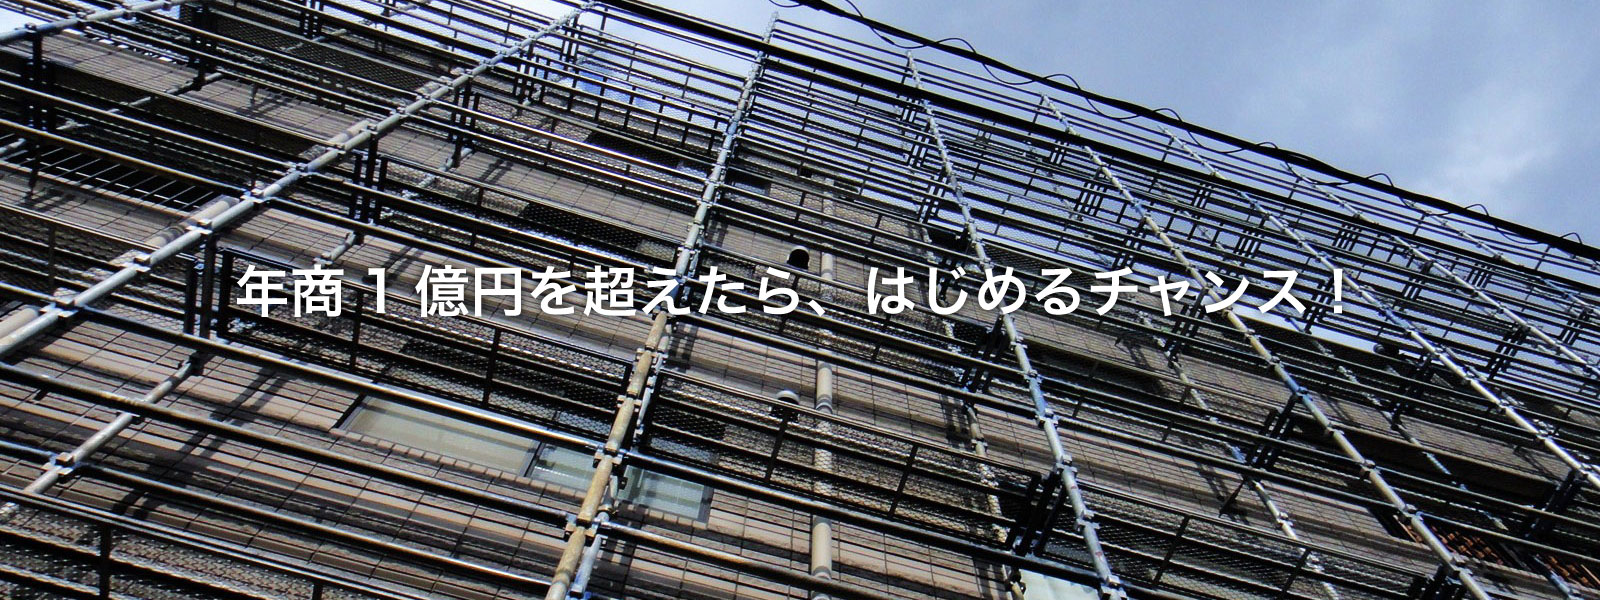 年商1億円を超えたら、はじめるチャンス!